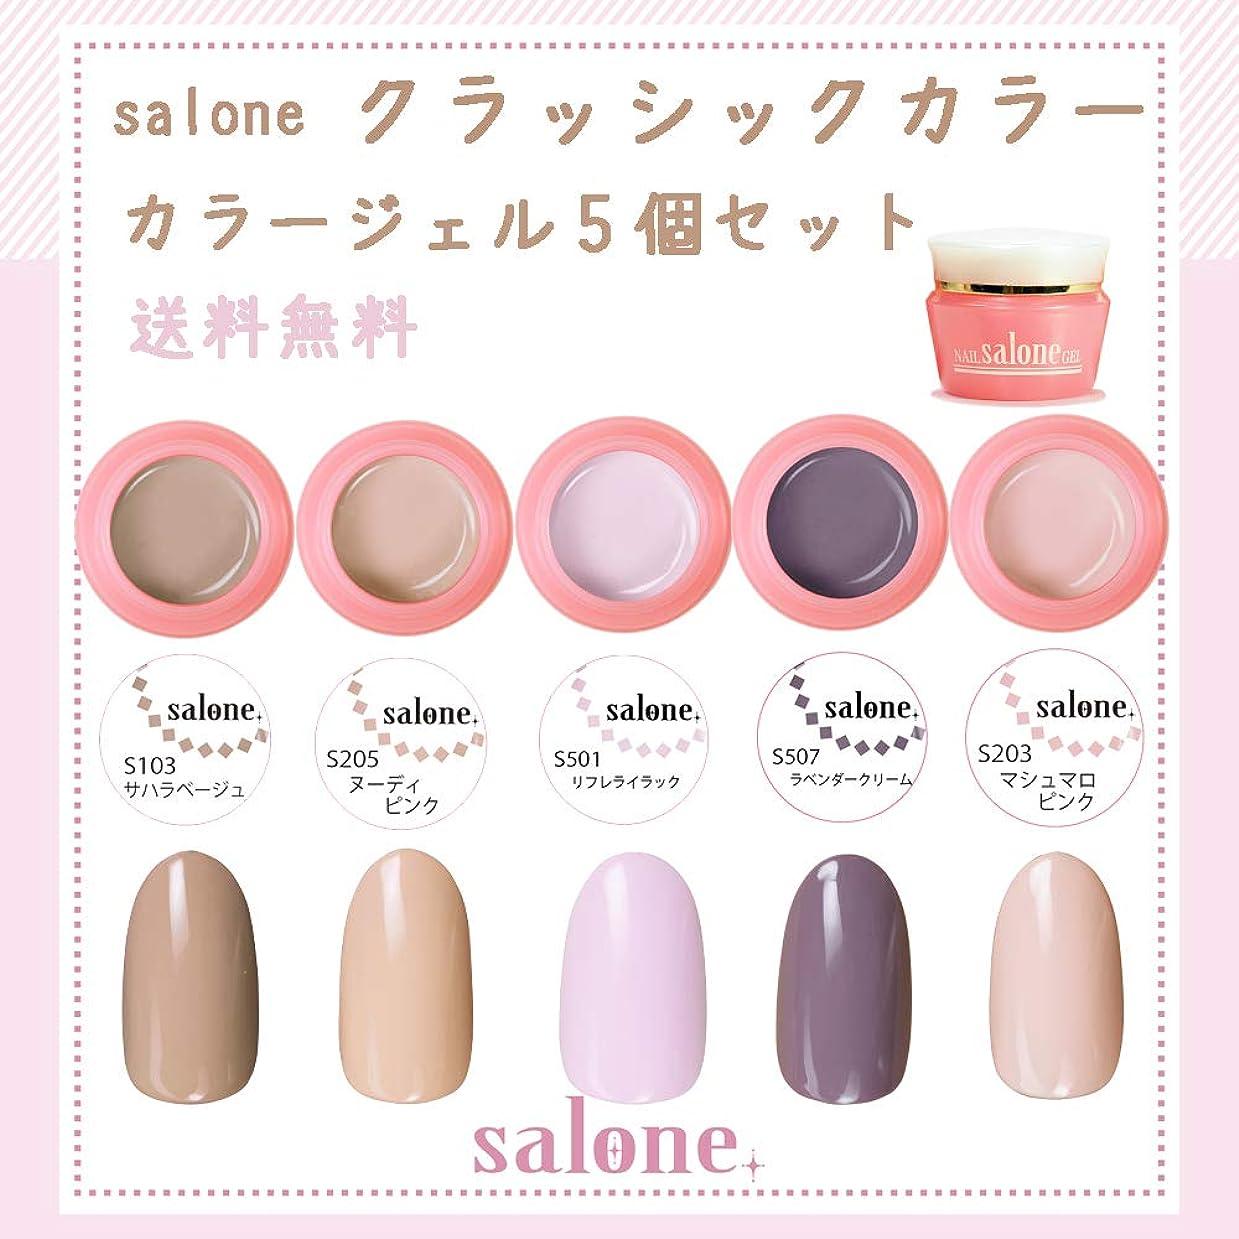 私達厚くするずらす【送料無料 日本製】Salone クラッシックネイルカラージェル5個セット スモーキーで大人可愛いクラッシックカラー